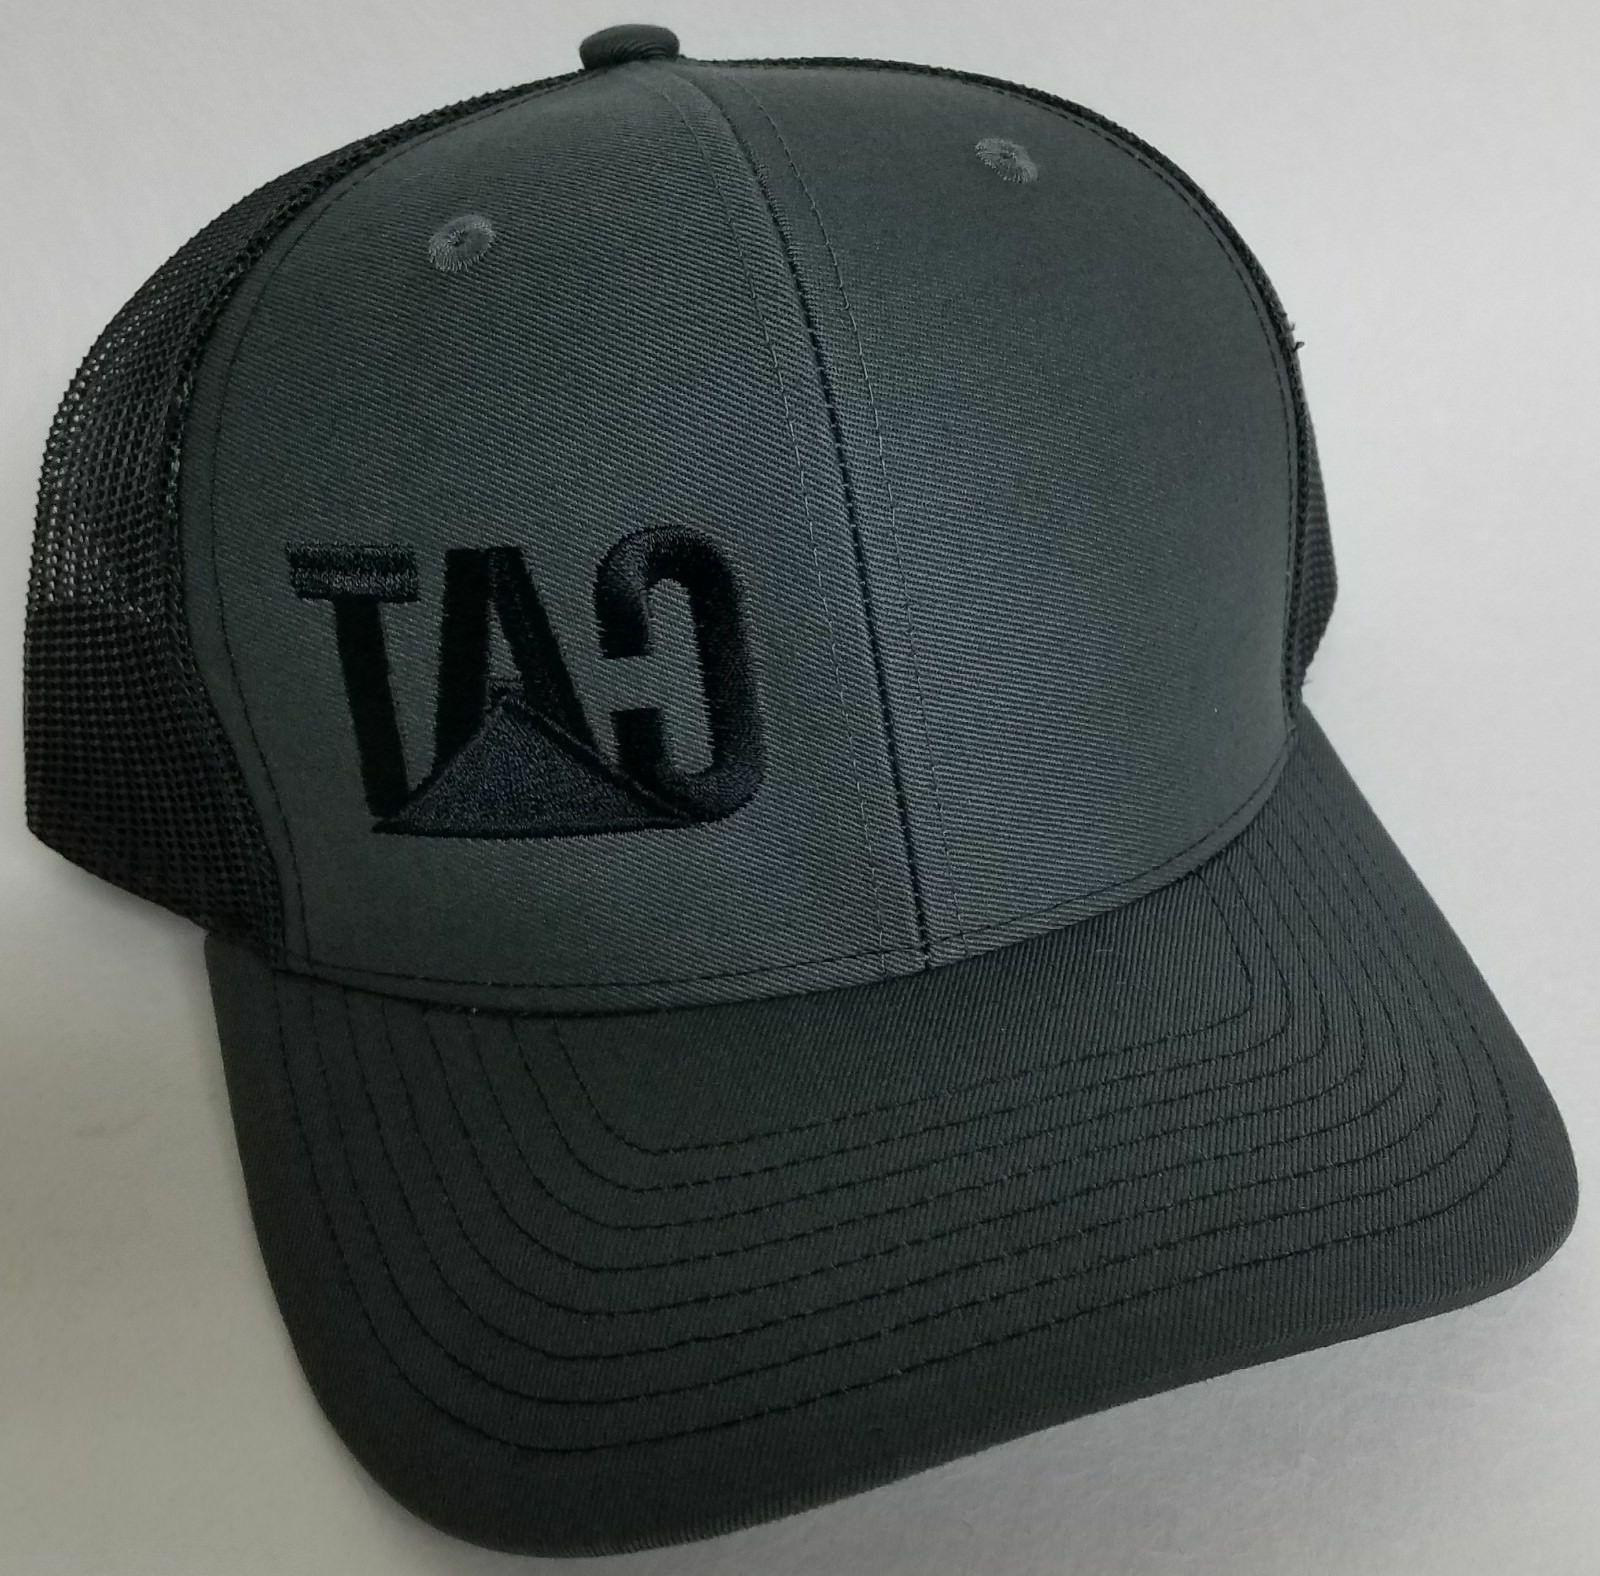 Richardson Trucker Mesh 112 Baseball Hat